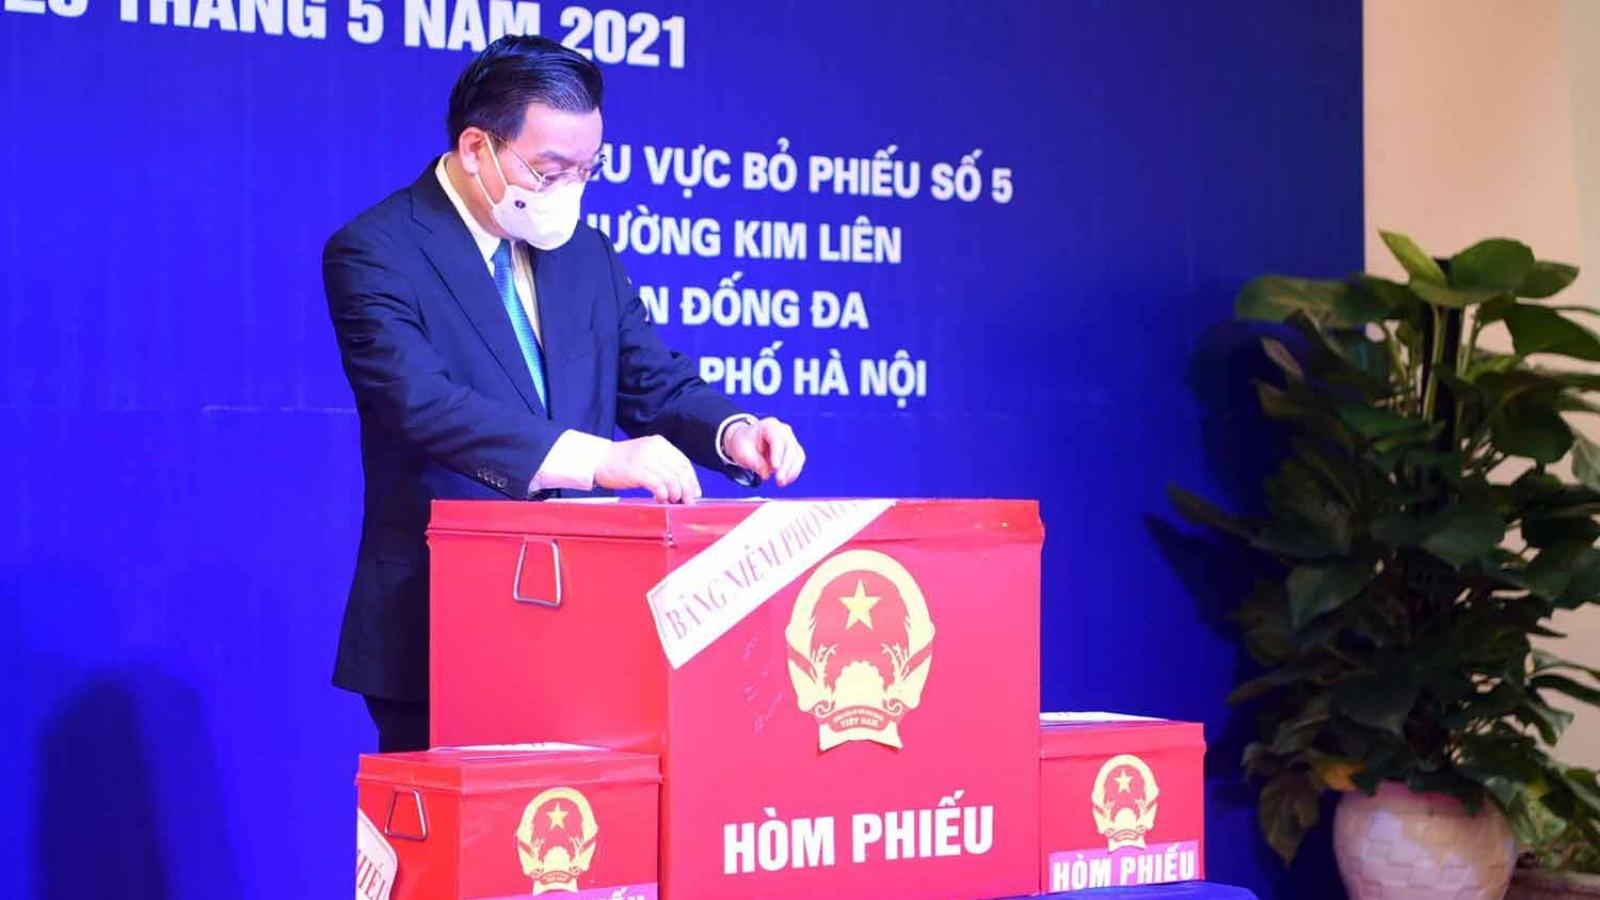 Chủ tịch Hà Nội: Quyết tâm tổ chức tốt cuộc bầu cử, lựa chọn những đại biểu xứng đáng